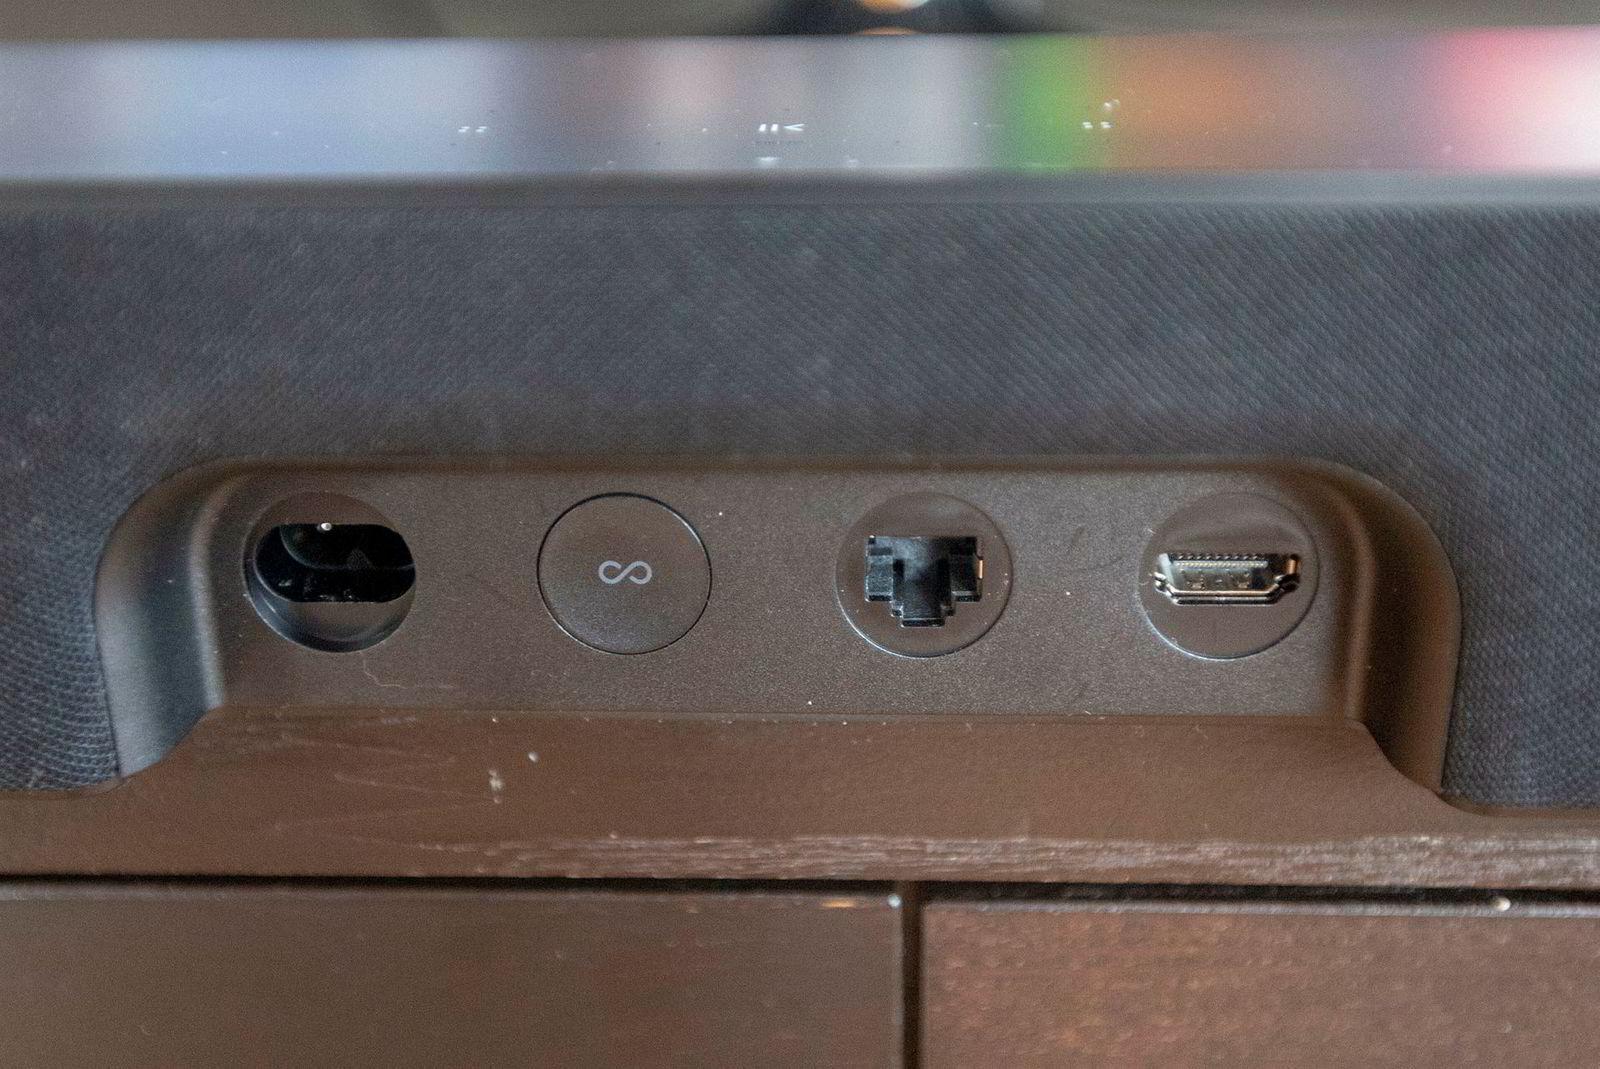 Kun tre tilkoblinger og en knapp er å finne på baksiden, så tilkoblingen bør de fleste klare selv. Resten av oppsettet mot tv-en går av seg selv.